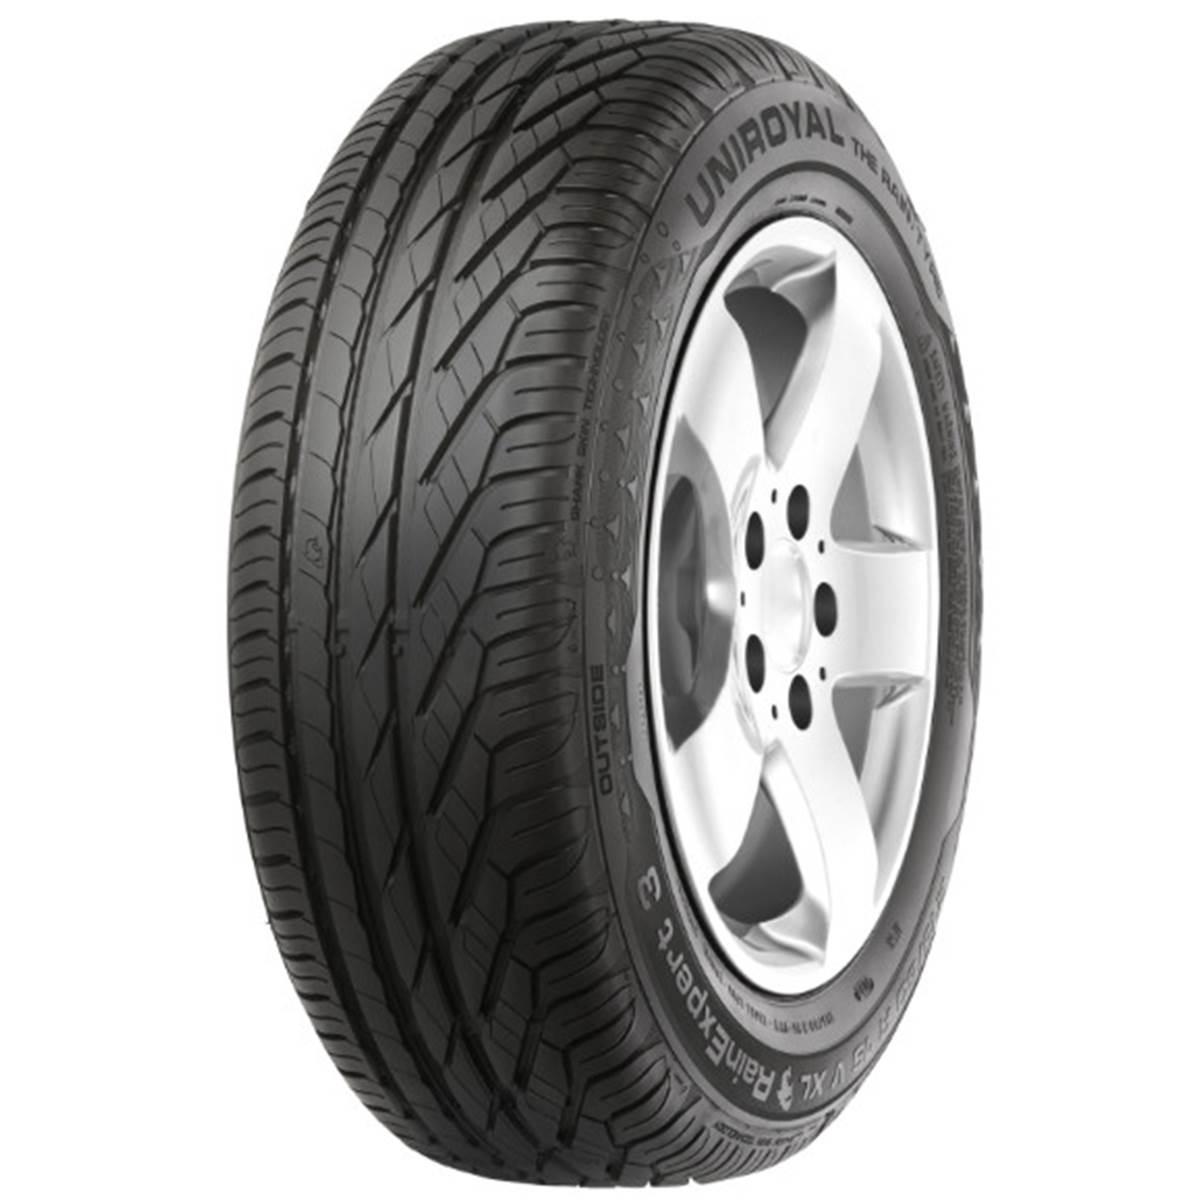 pneu uniroyal rainexpert 3 moins cher sur pneu pas cher. Black Bedroom Furniture Sets. Home Design Ideas